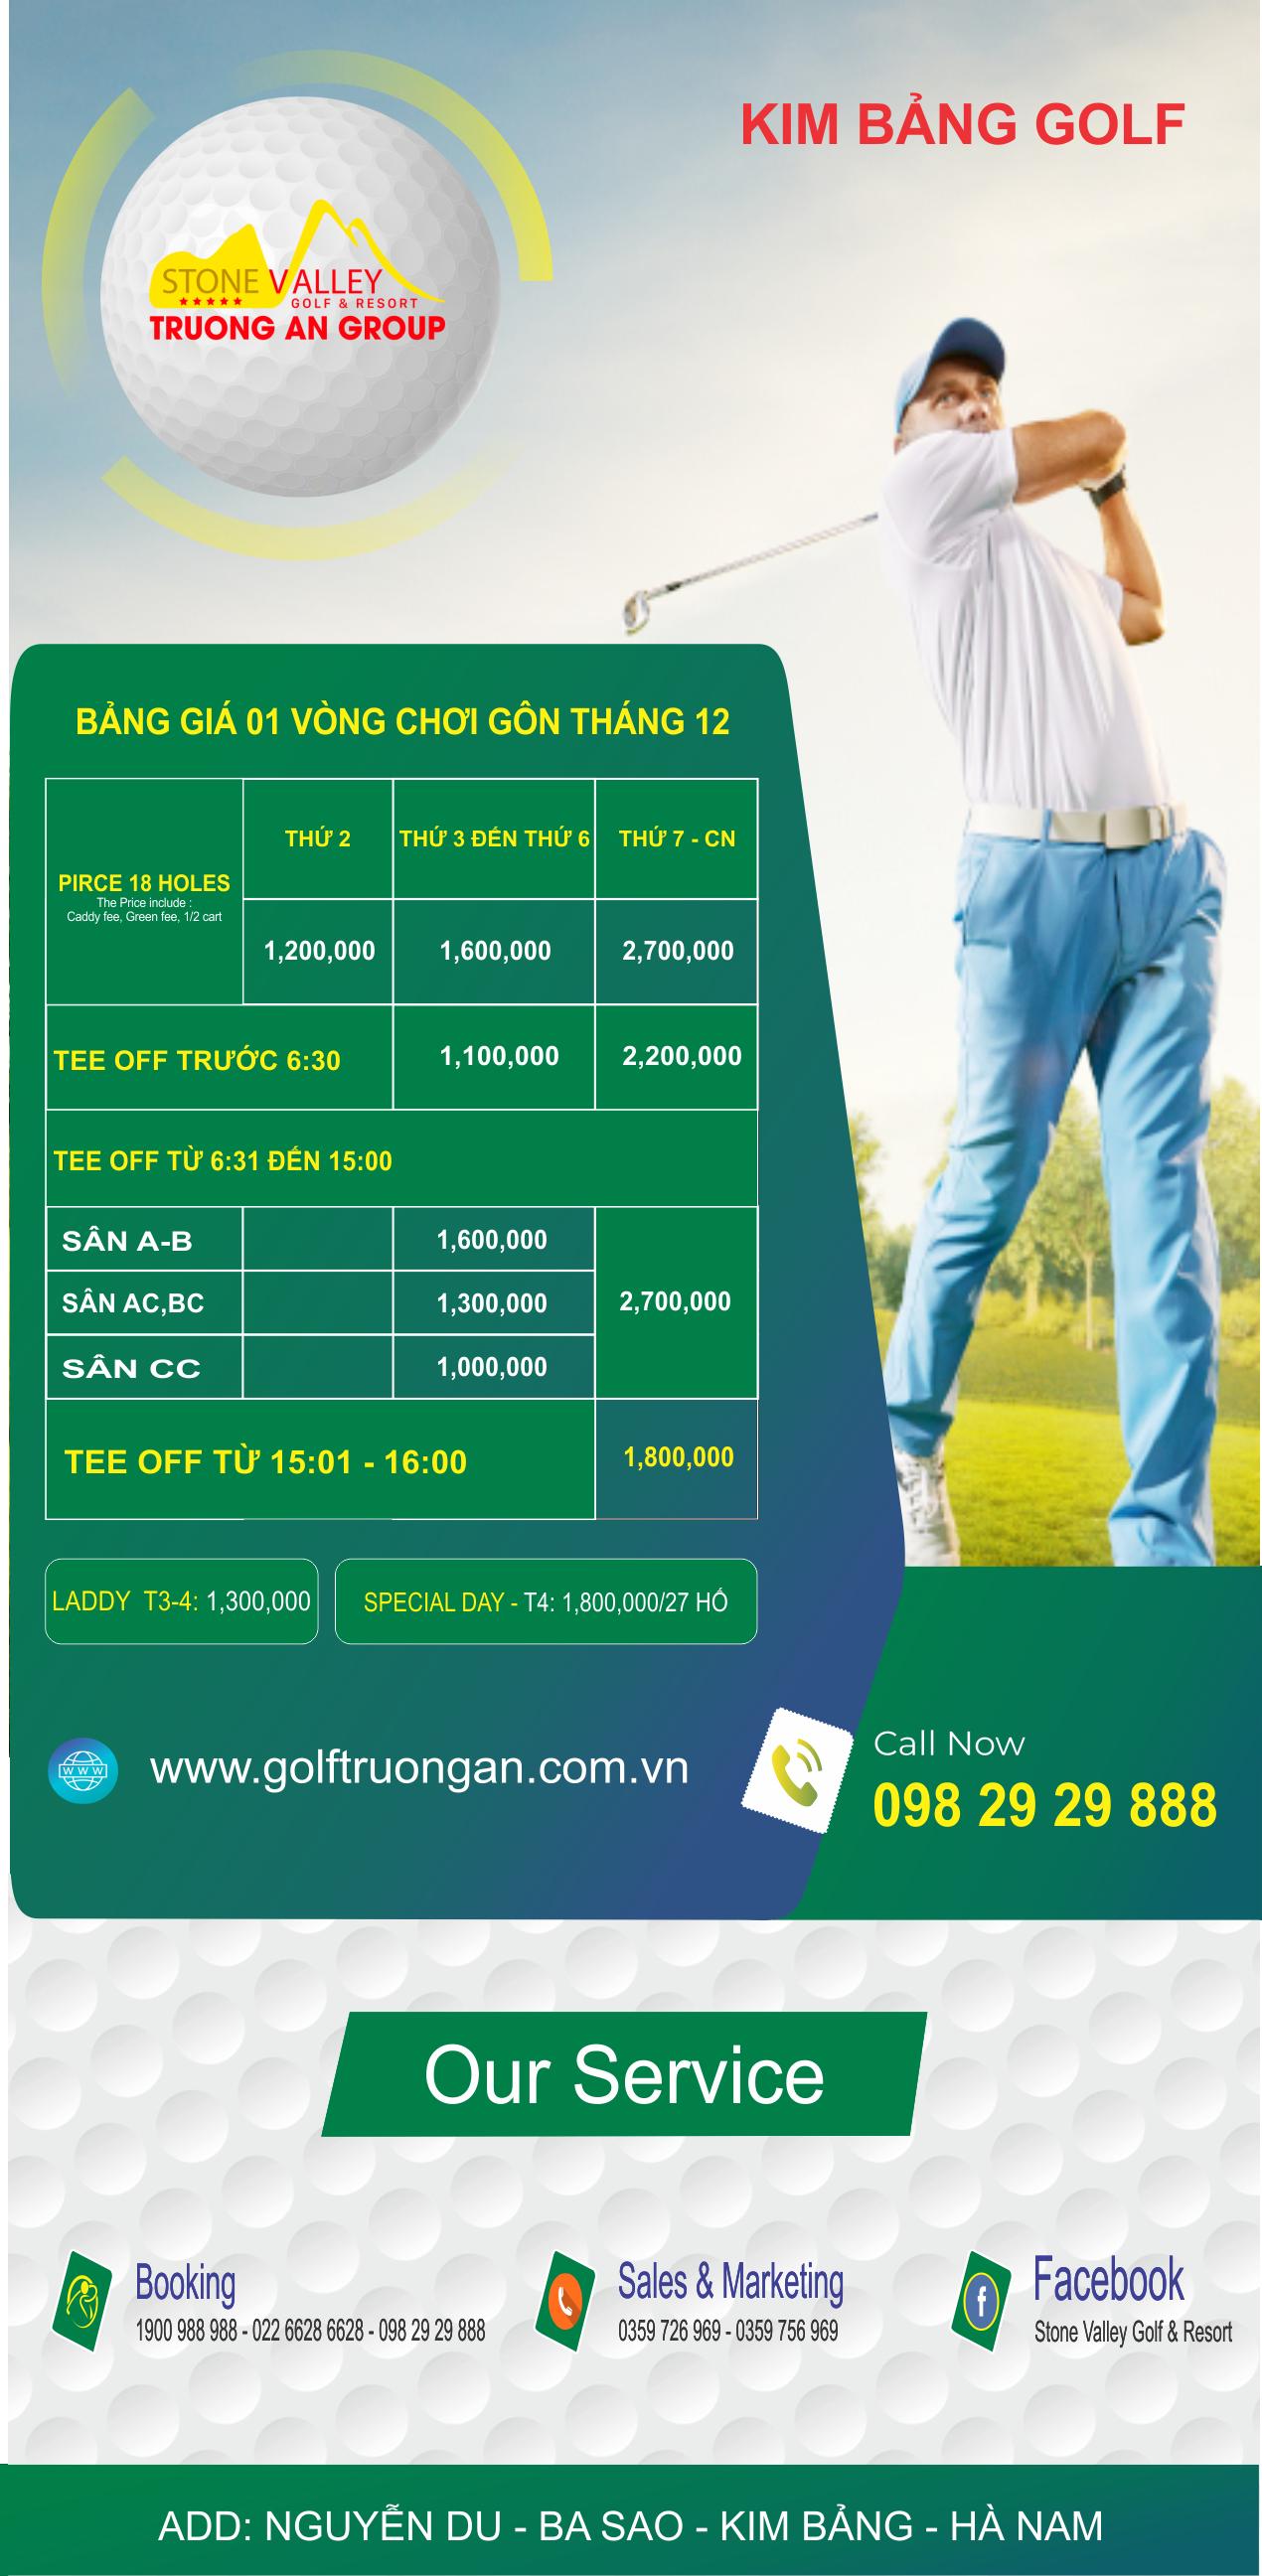 Bảng giá Golf tháng 12 năm 2020